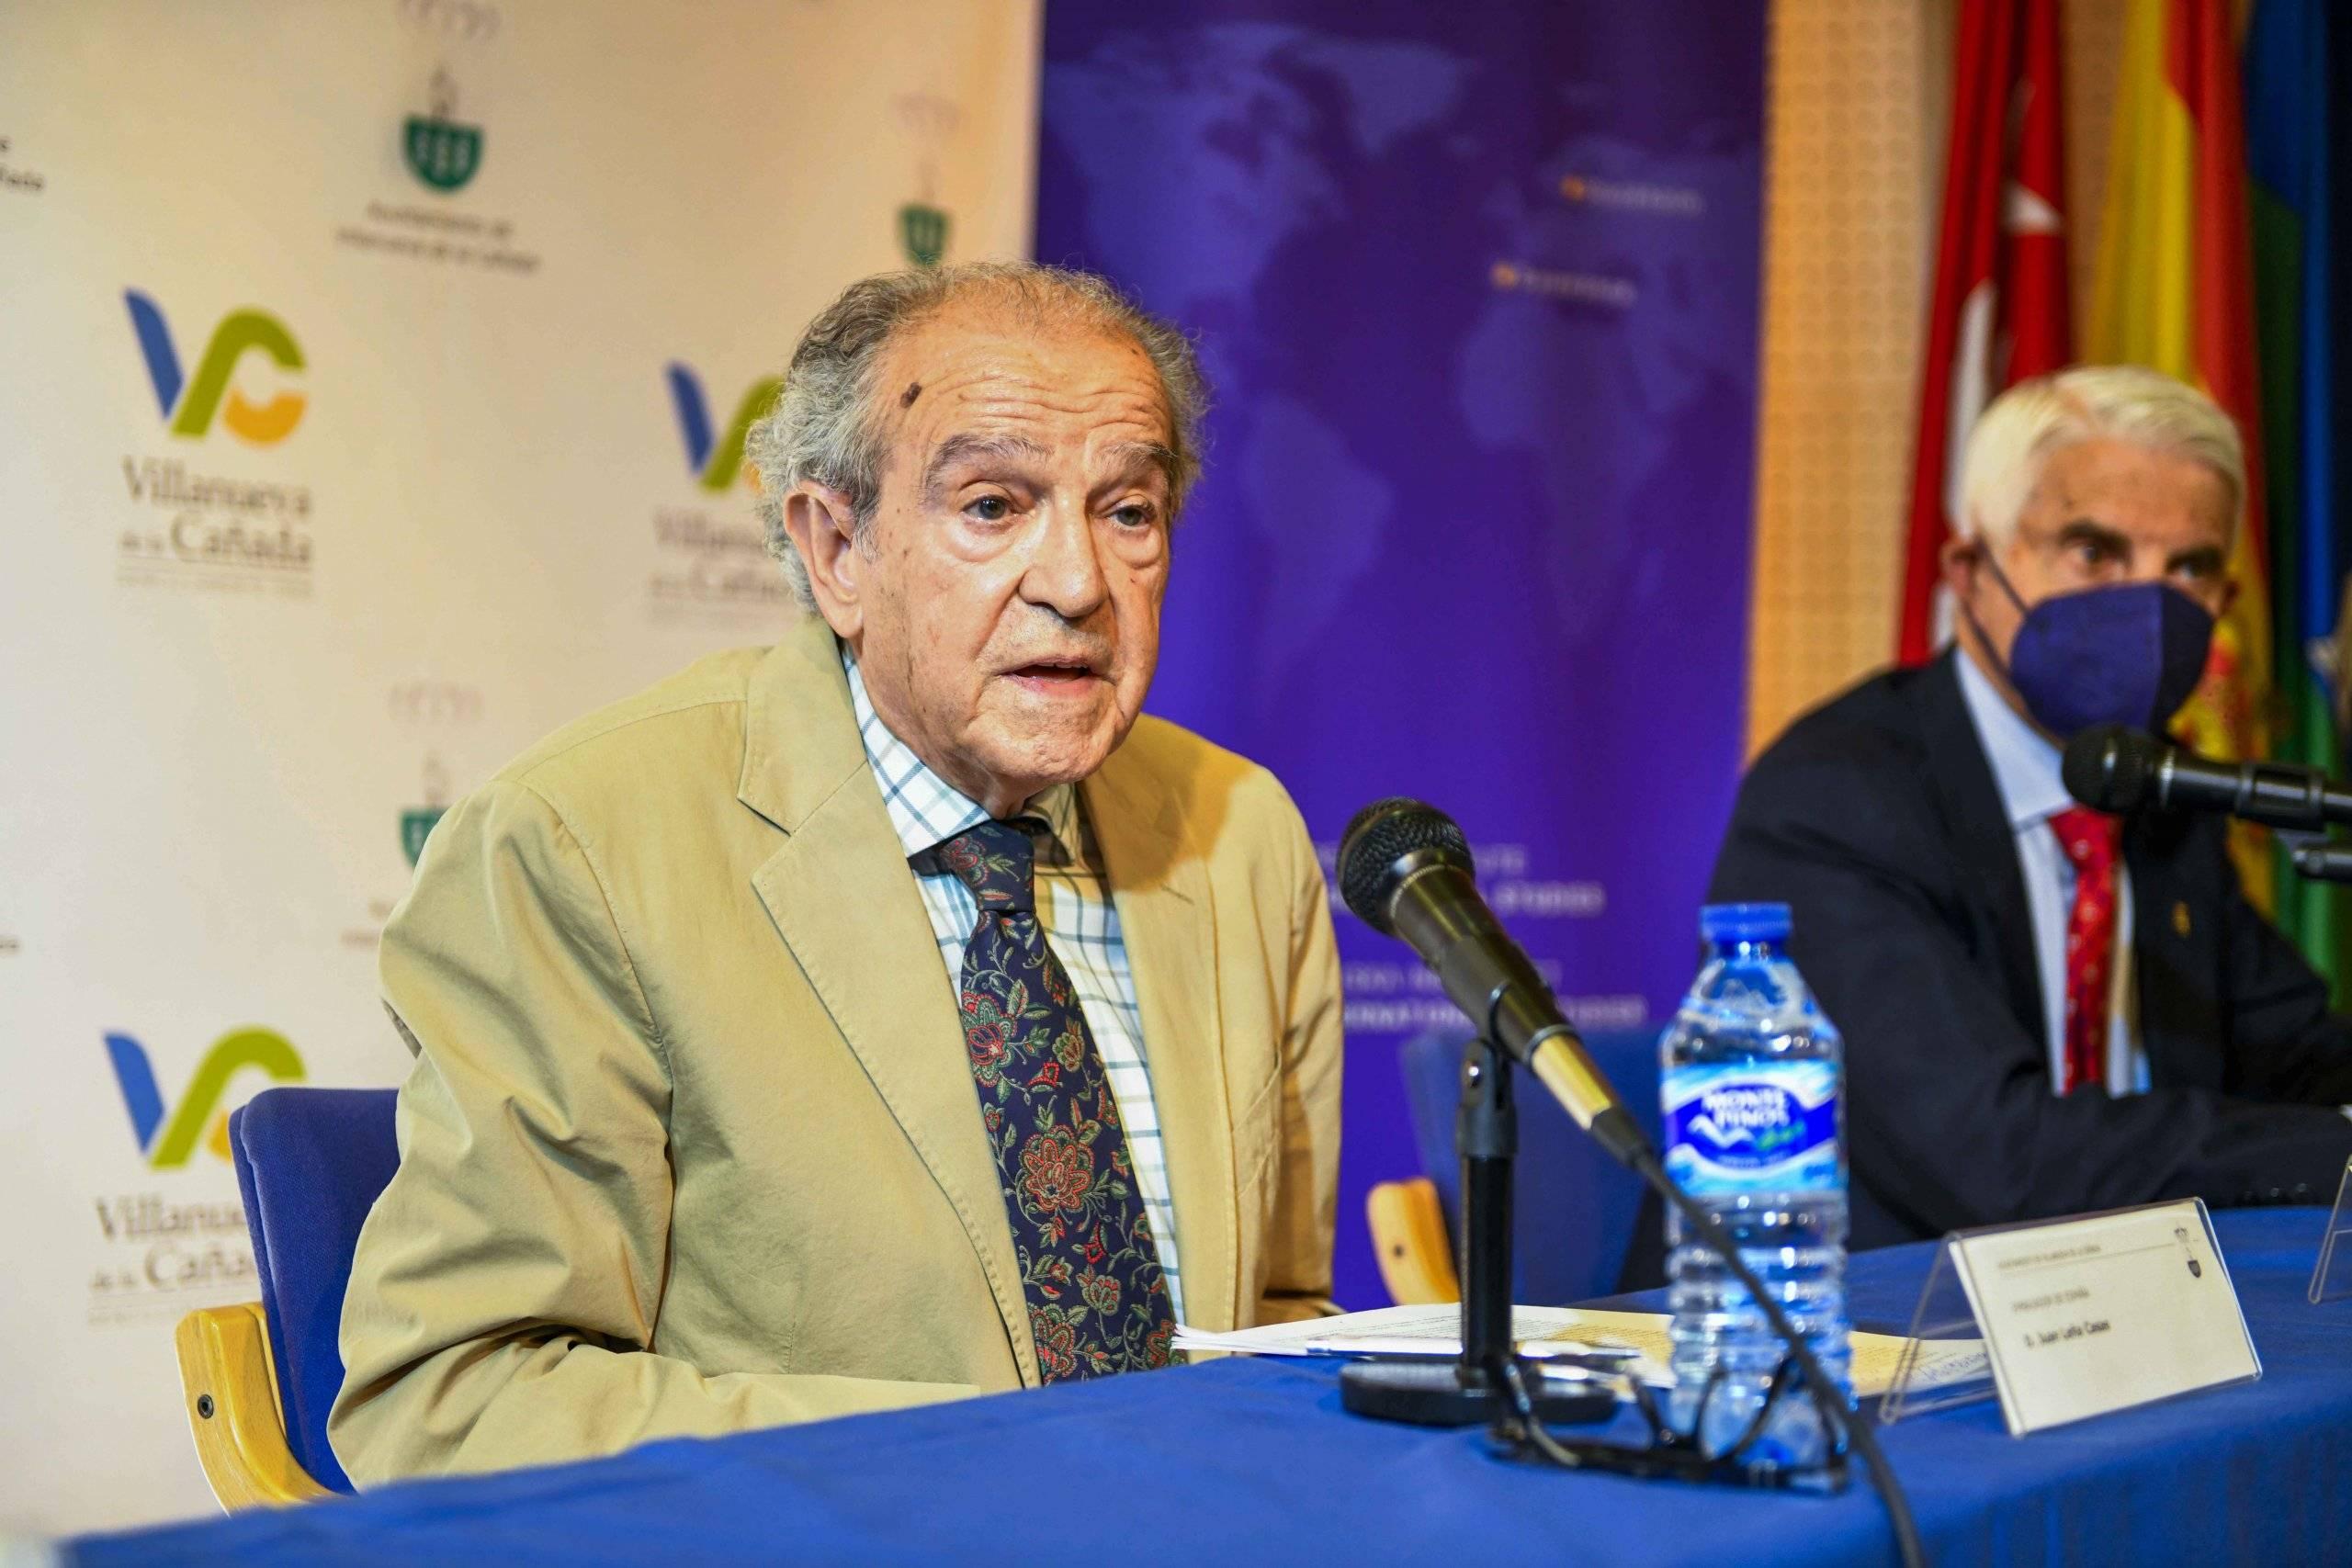 Juan Leña Casas, embajador de España, en uno de los momentos de la ponencia.